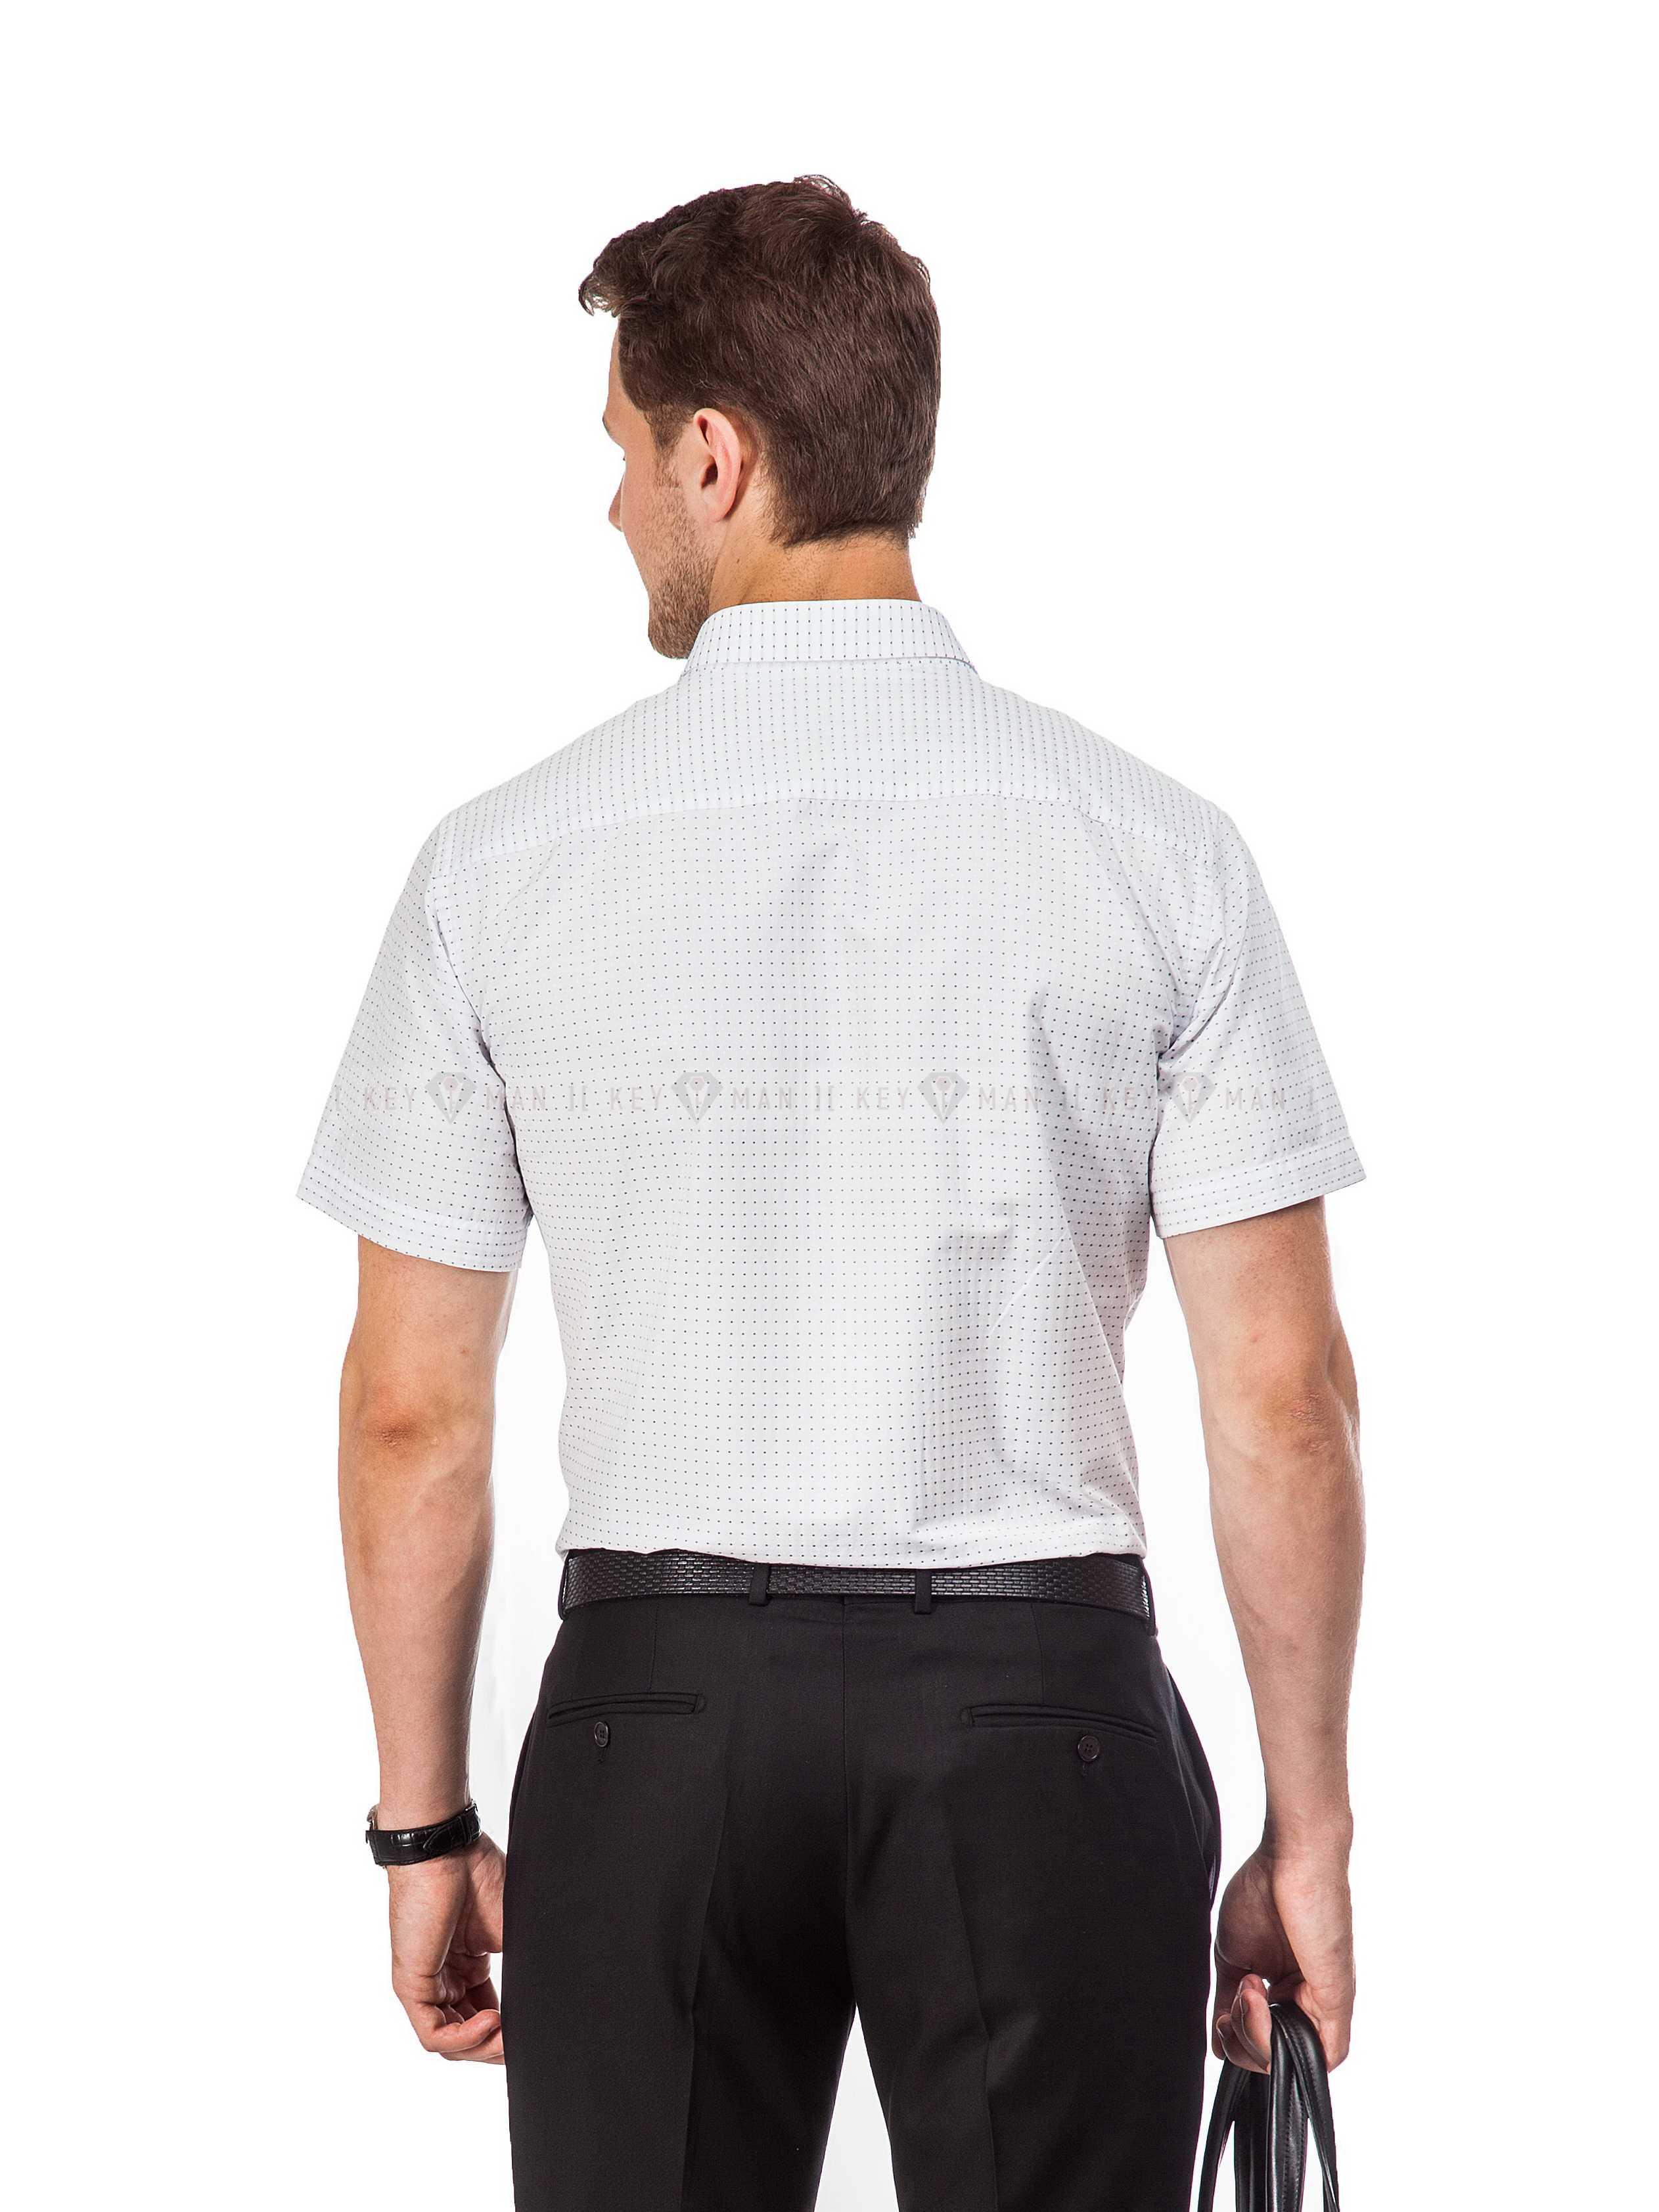 Рубашка мужская белая в синюю точку (короткий рукав)